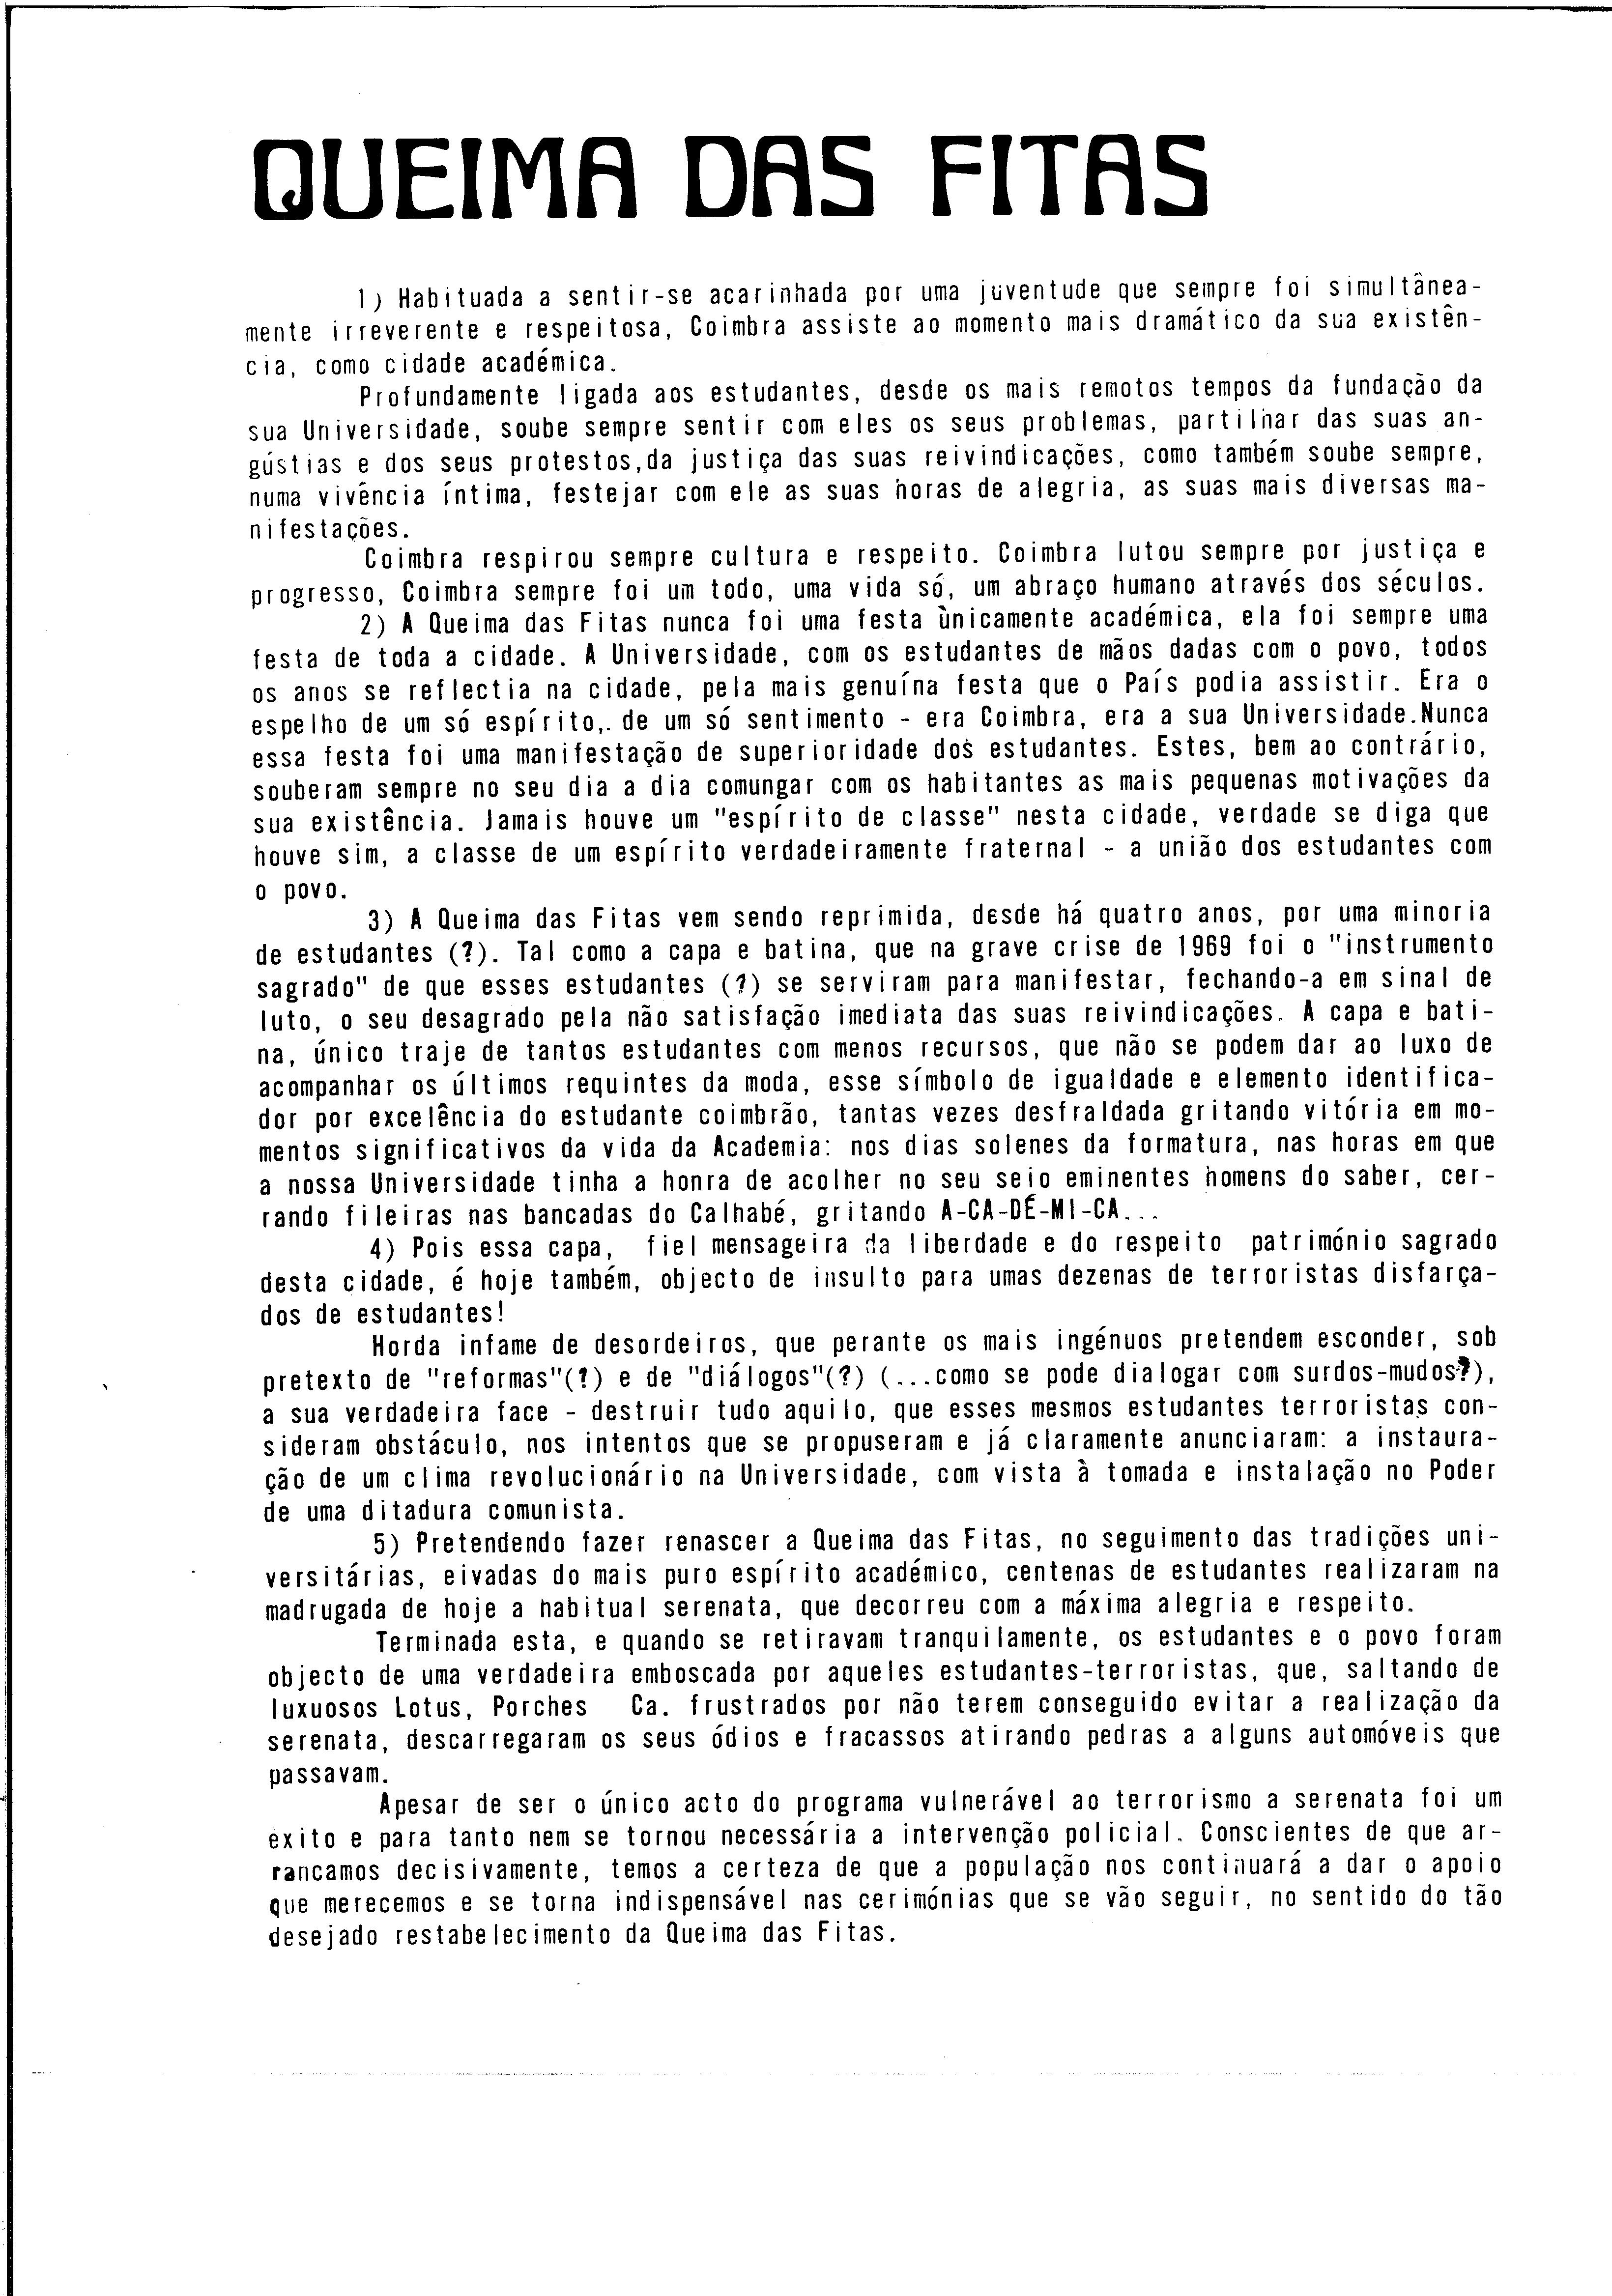 02269.004.005- pag.1